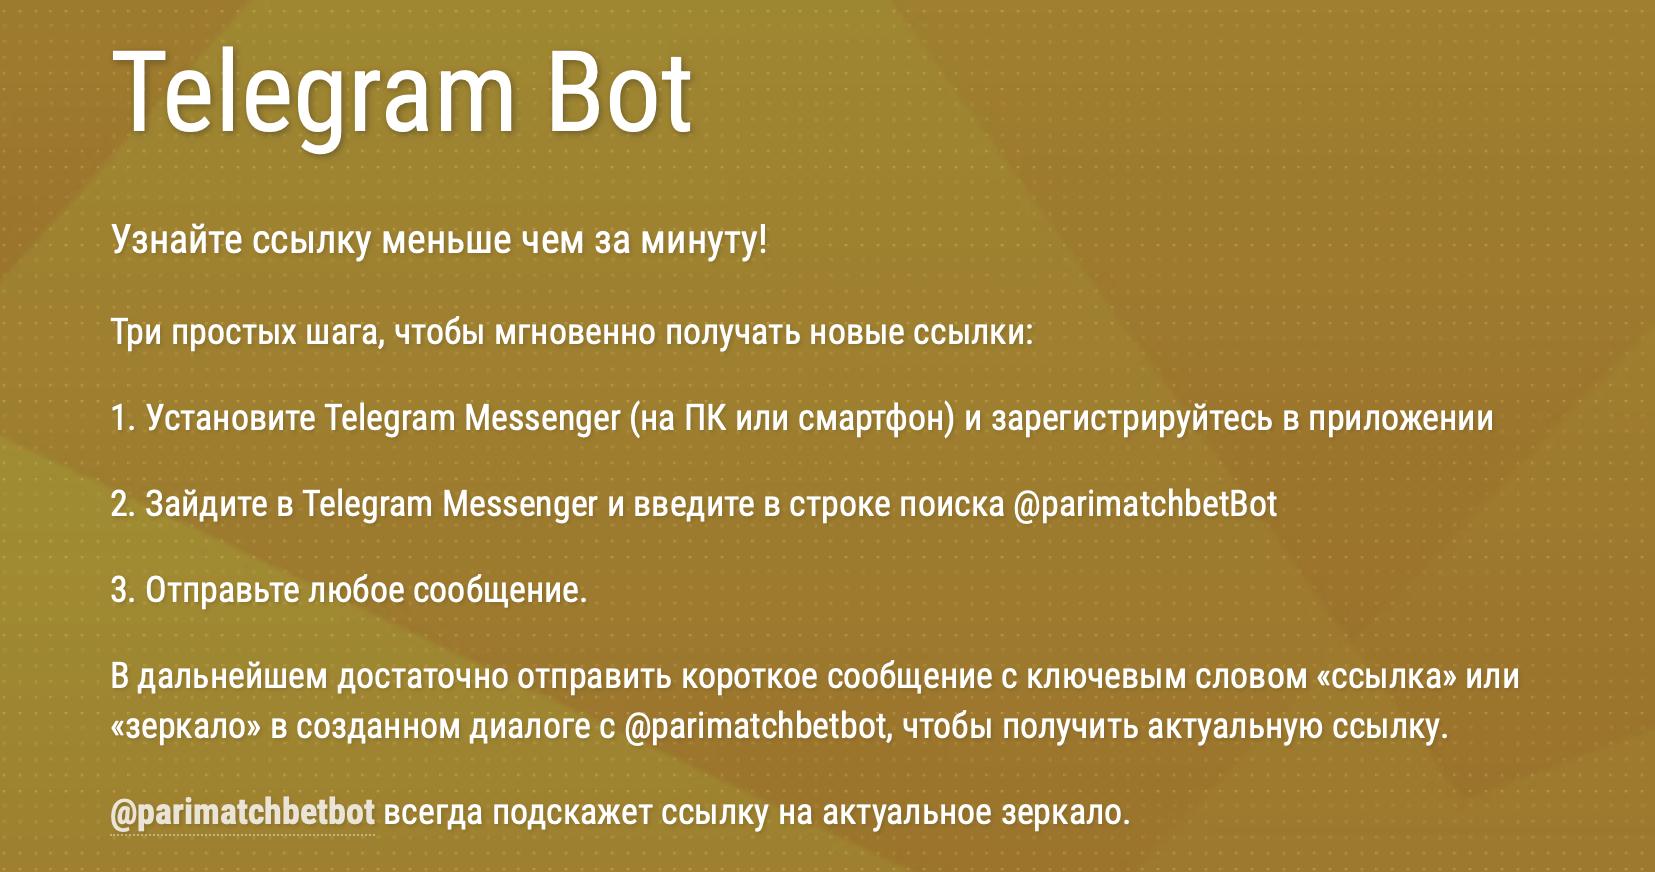 Телеграмм бот Parimatch